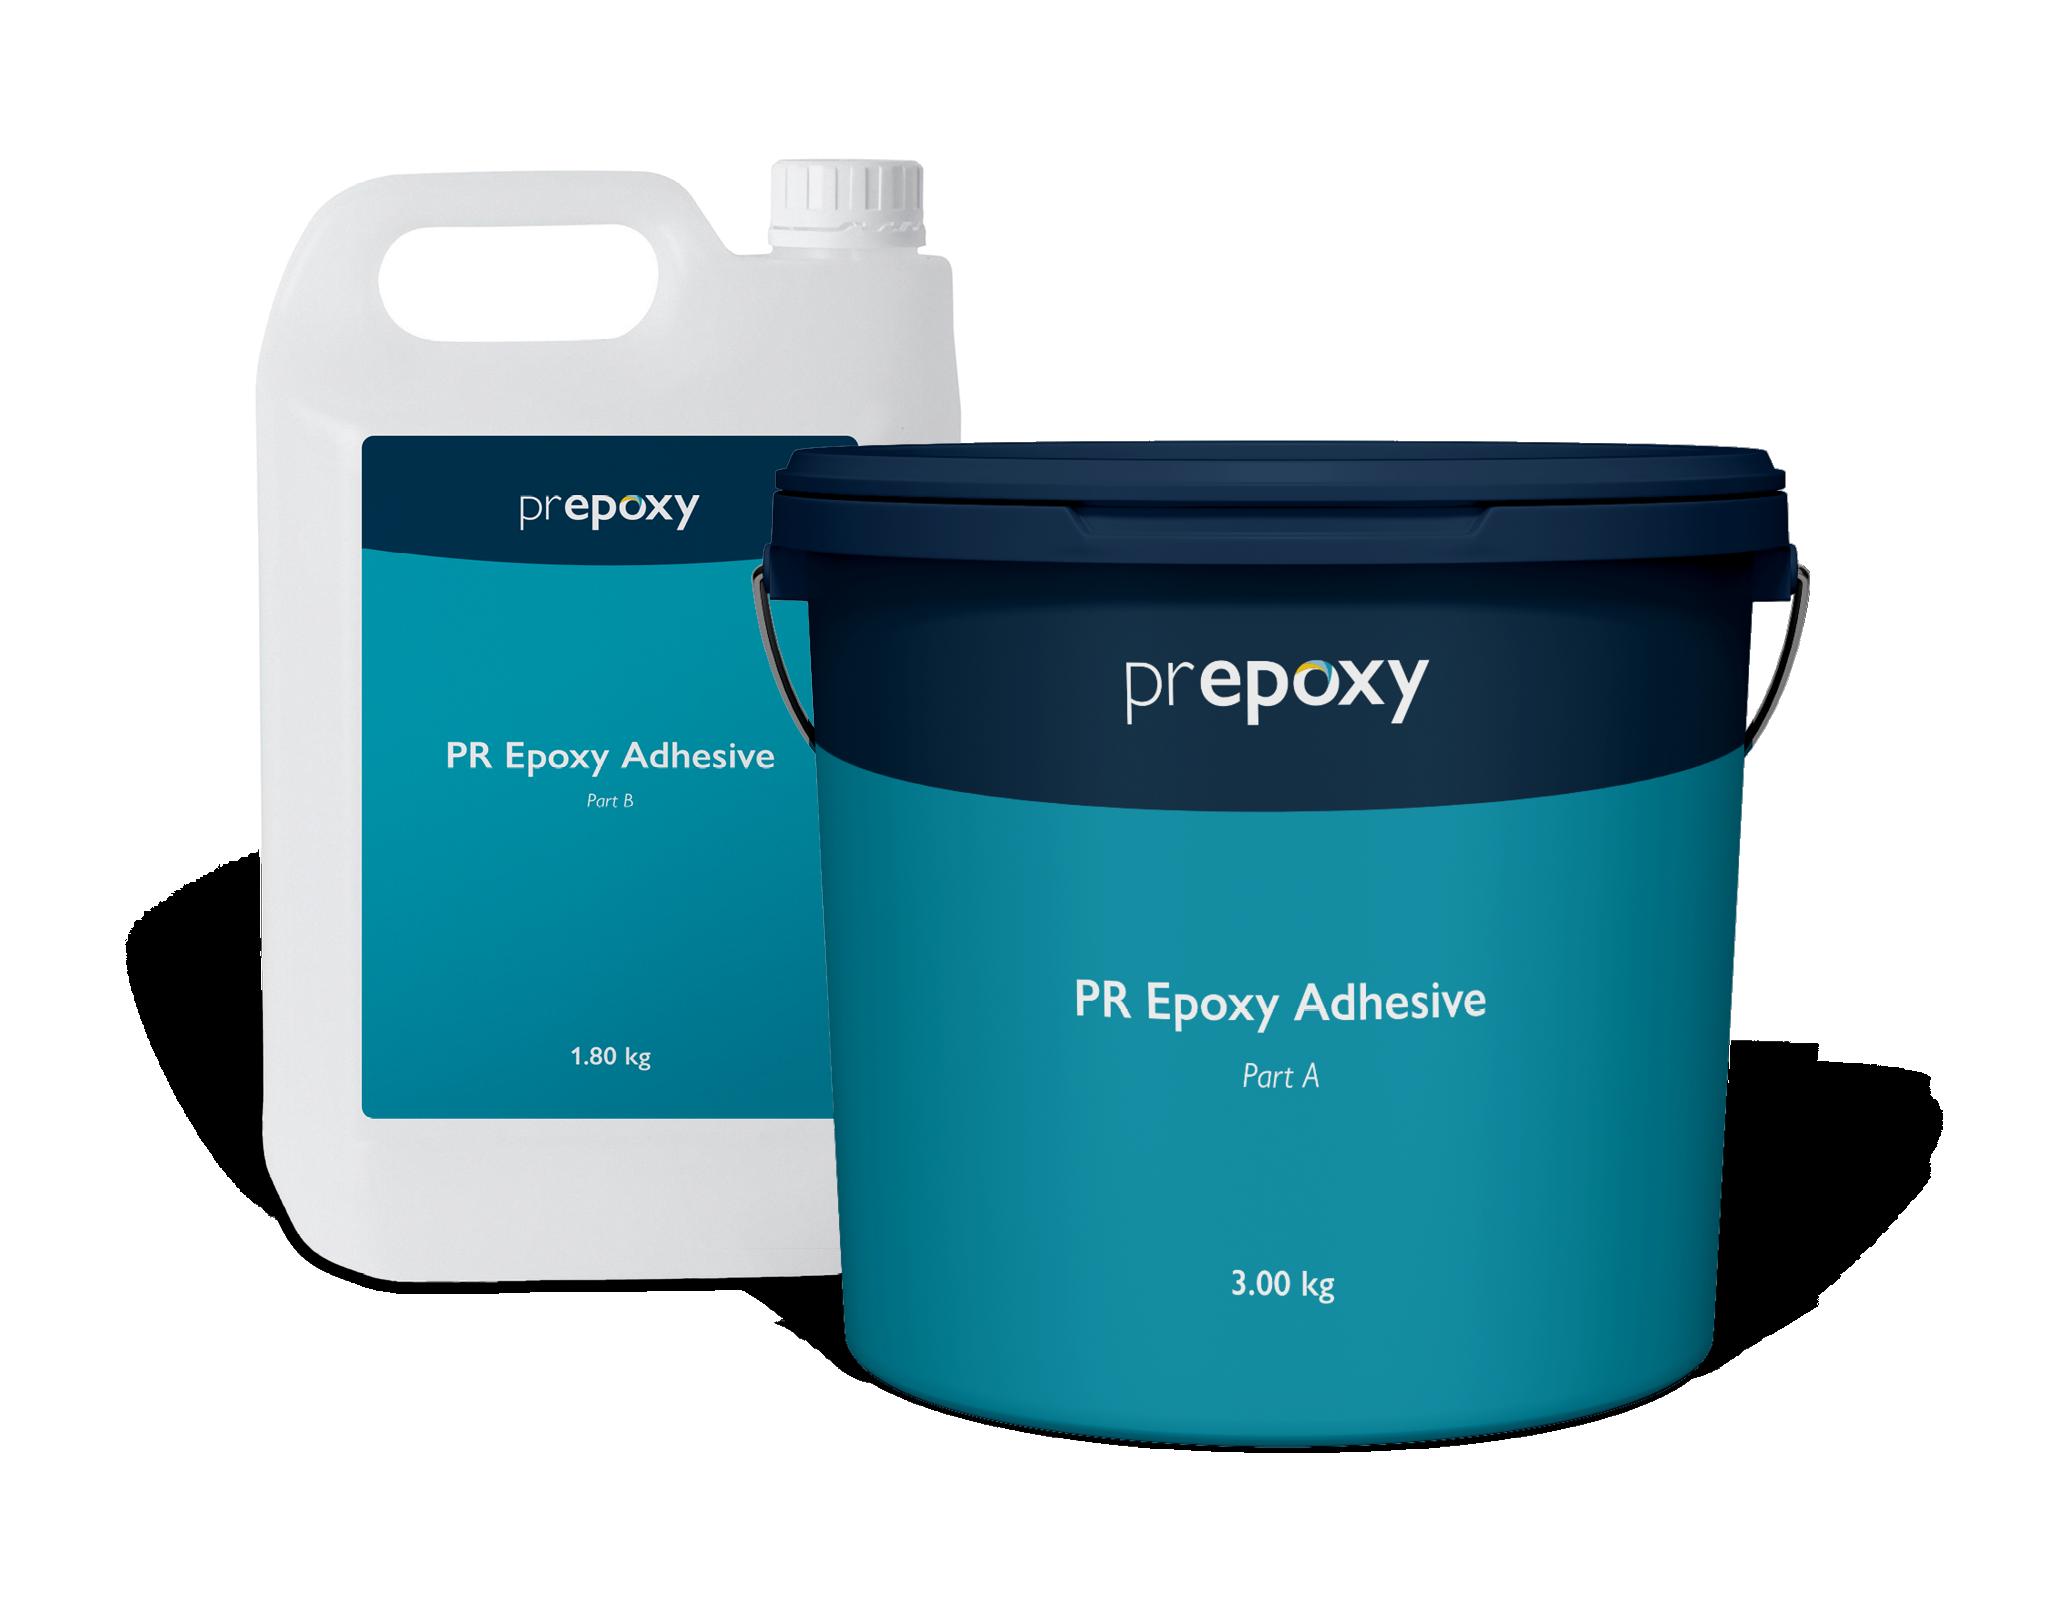 PR Epoxy Adhesive